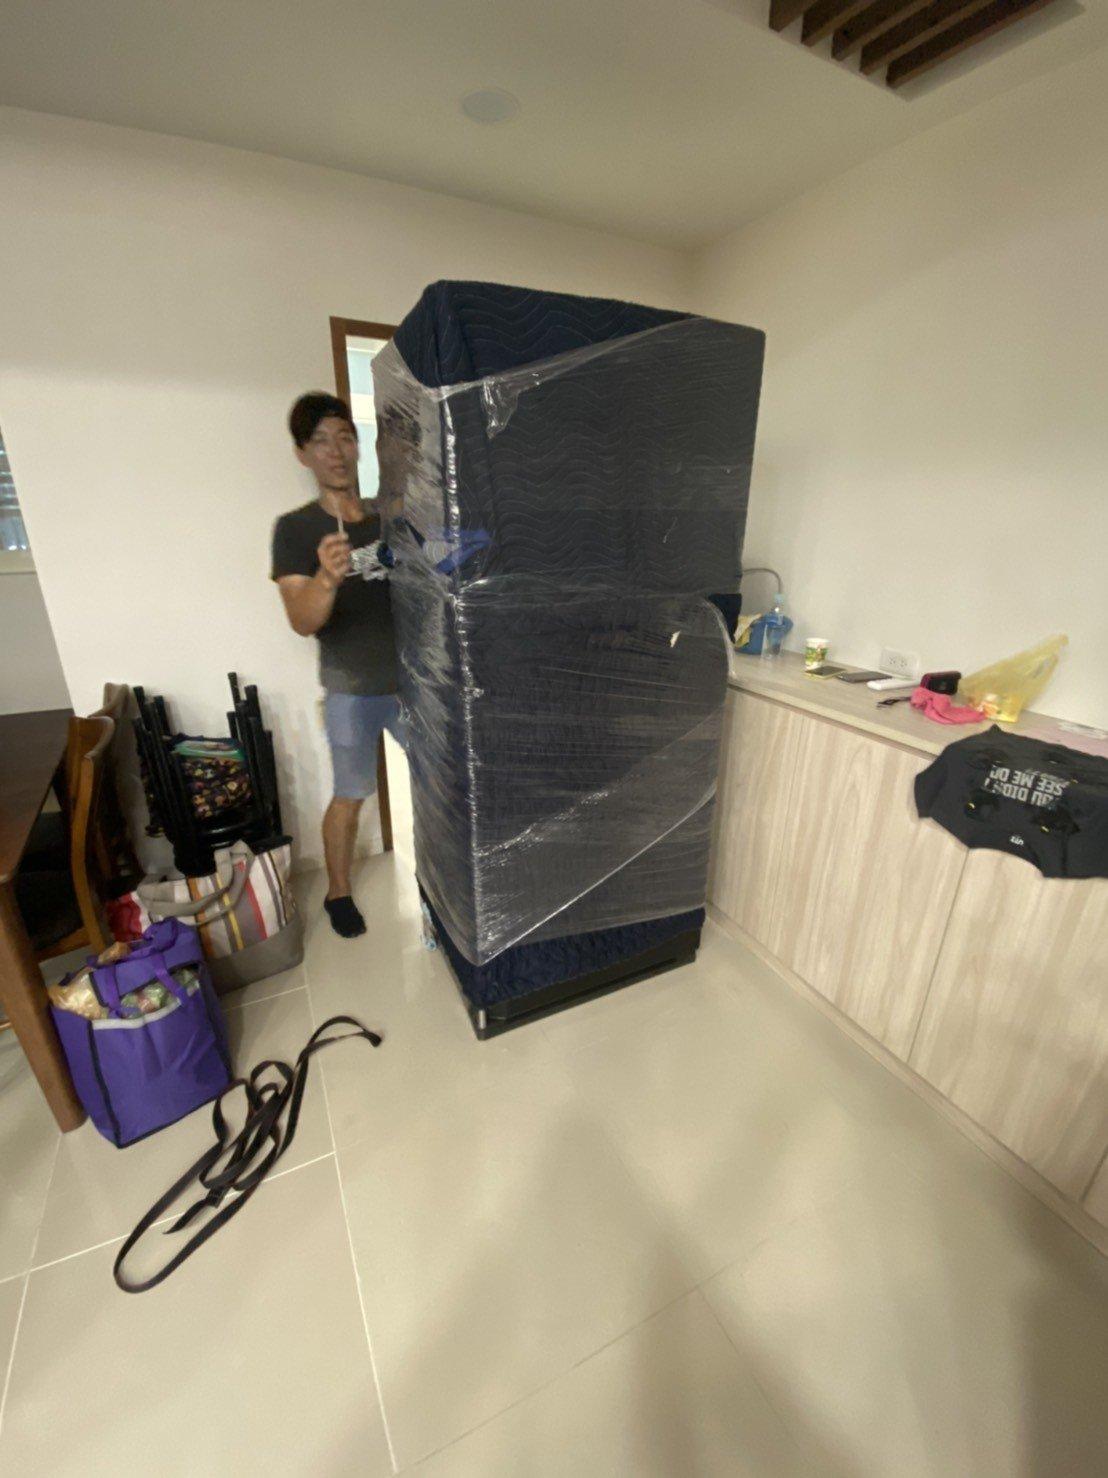 台北搬家、家庭搬家【榮福搬家】南港搬家公司,值得您的選擇與信賴:冰箱搬至新家後就定位後的拆包裝細心服務圖一